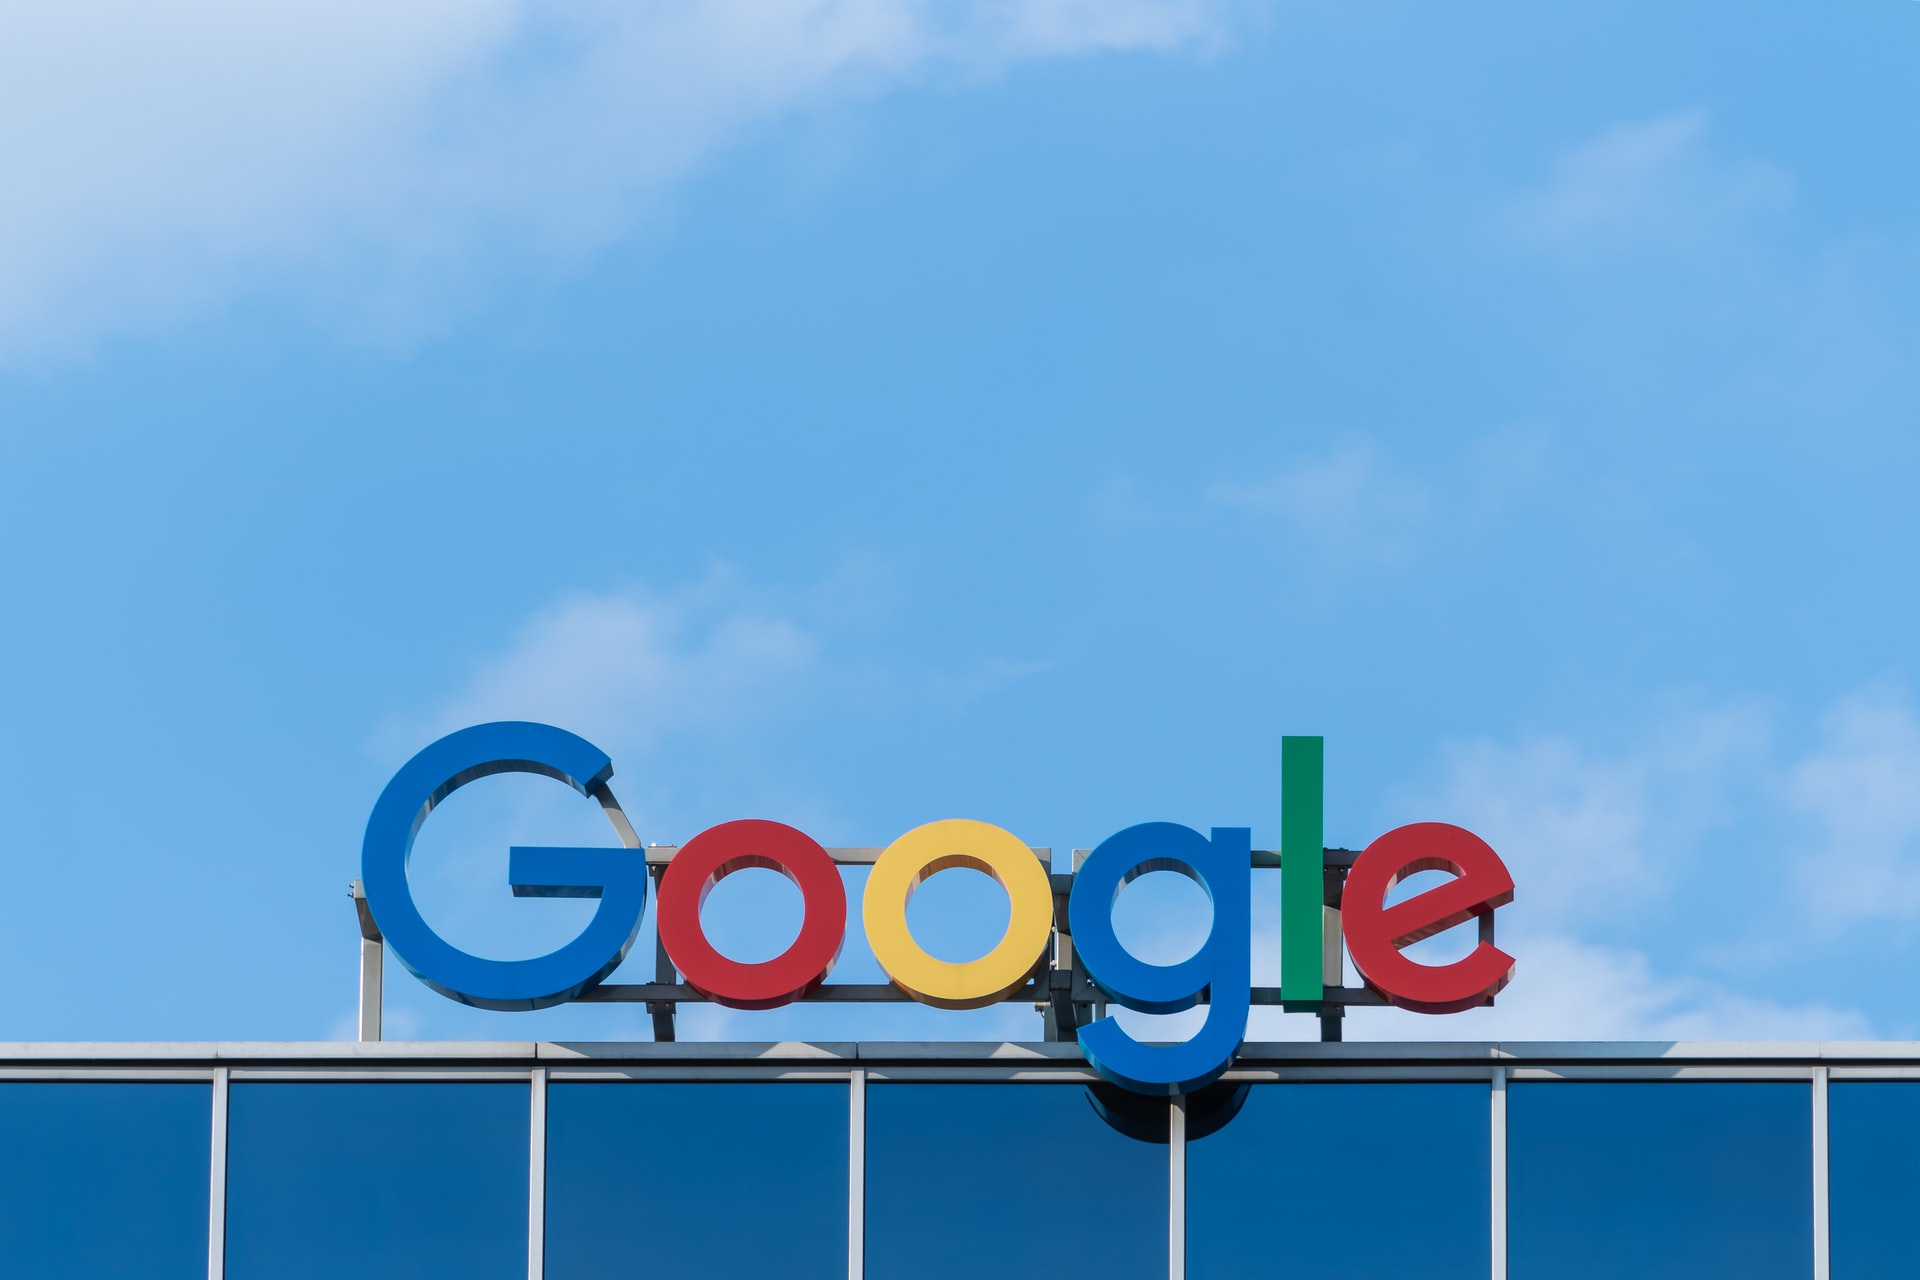 Googleロゴマークの看板